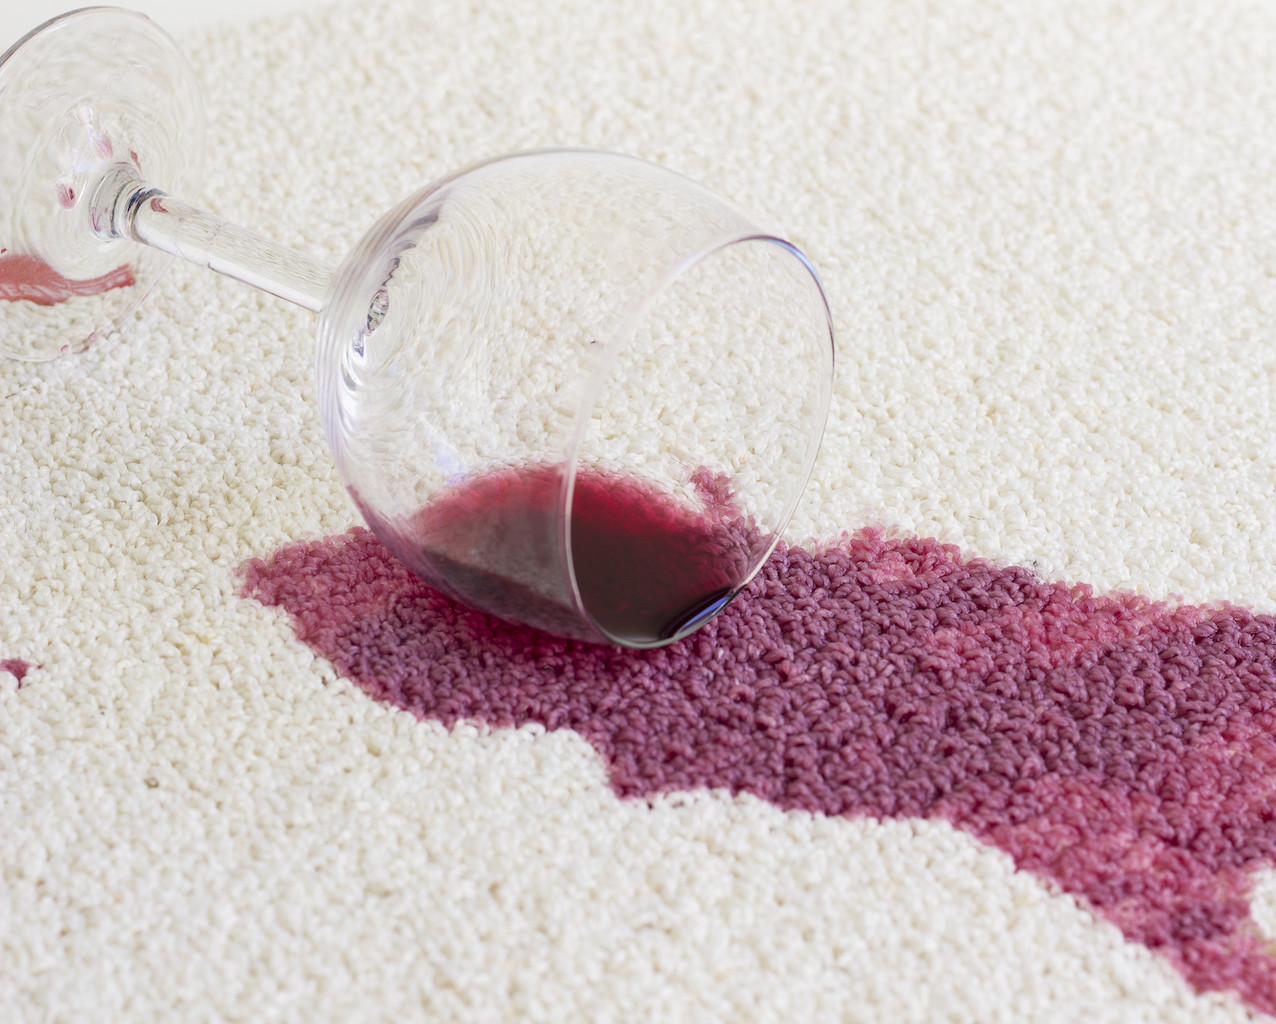 Haushaltsmythen im Check: hilft Salz gegen einen Rotweinfleck?